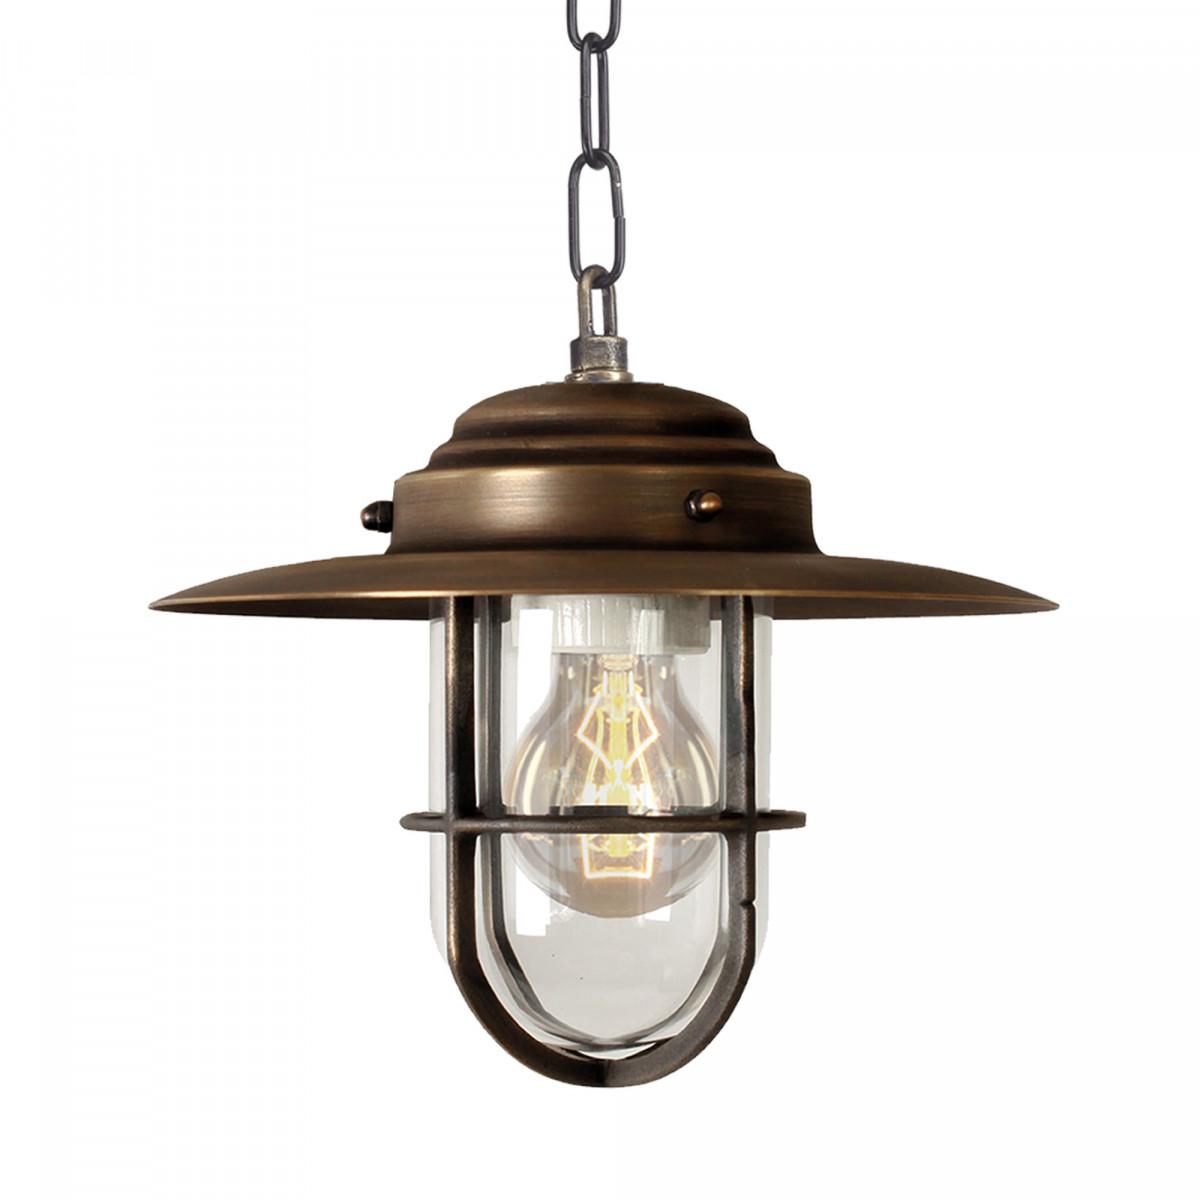 Verandalamp Labenne (1180) - Kettinglamp Brons - KS-verlichting - Buitenlamp aan ketting